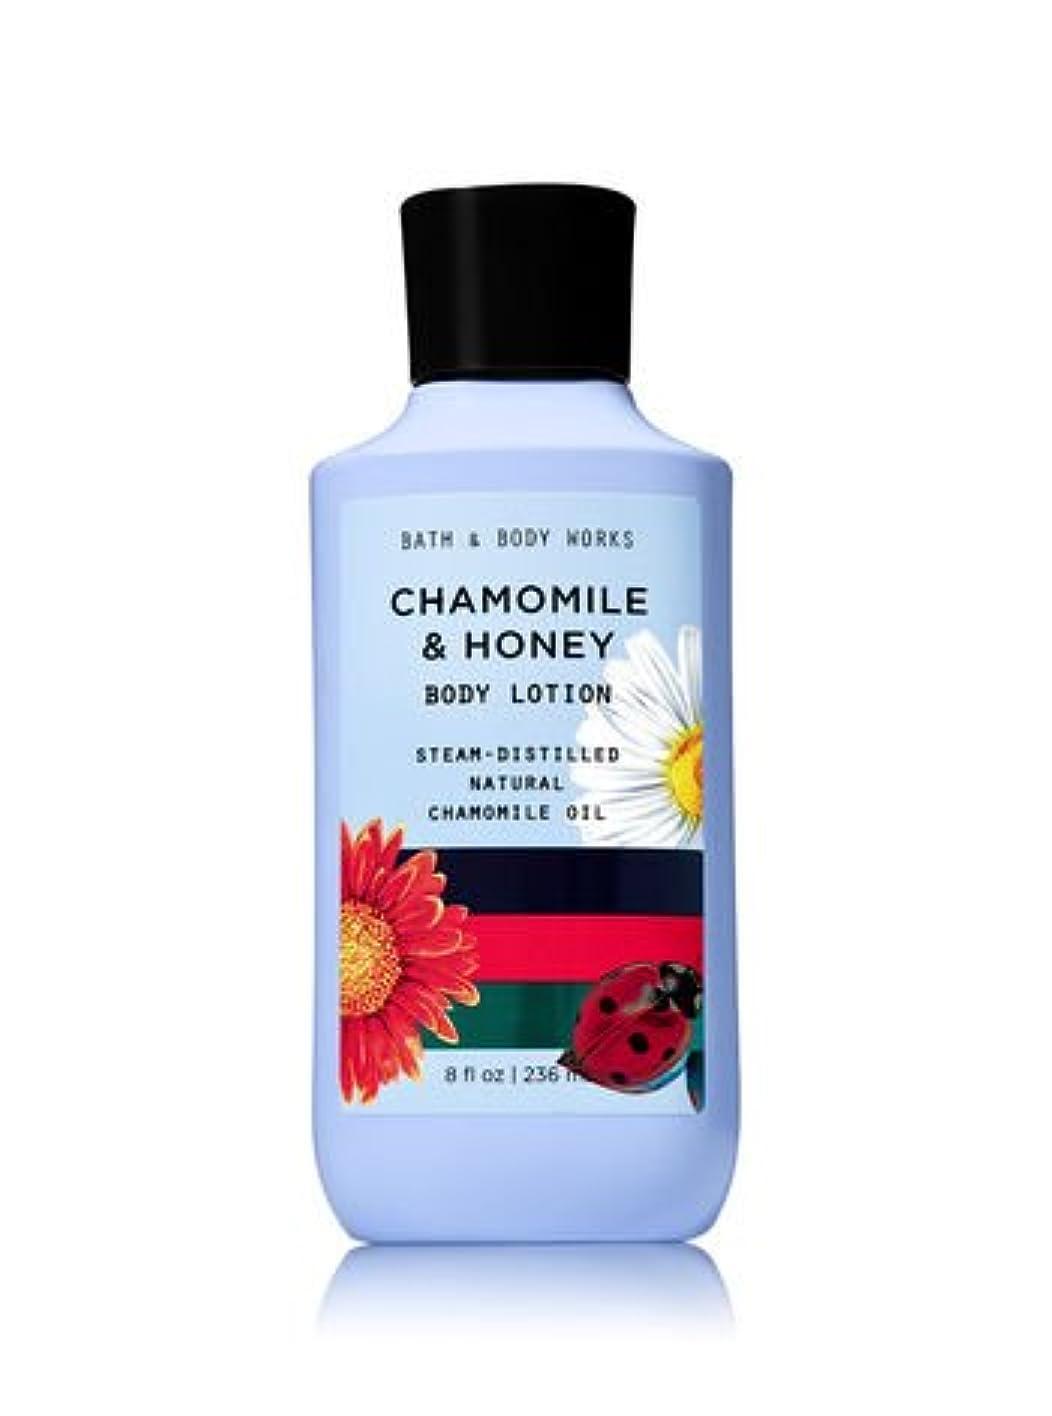 不機嫌そうな甘やかす洗う【Bath&Body Works/バス&ボディワークス】 ボディローション カモミール&ハニー Body Lotion Chamomile & Honey 8 fl oz/236 mL [並行輸入品]